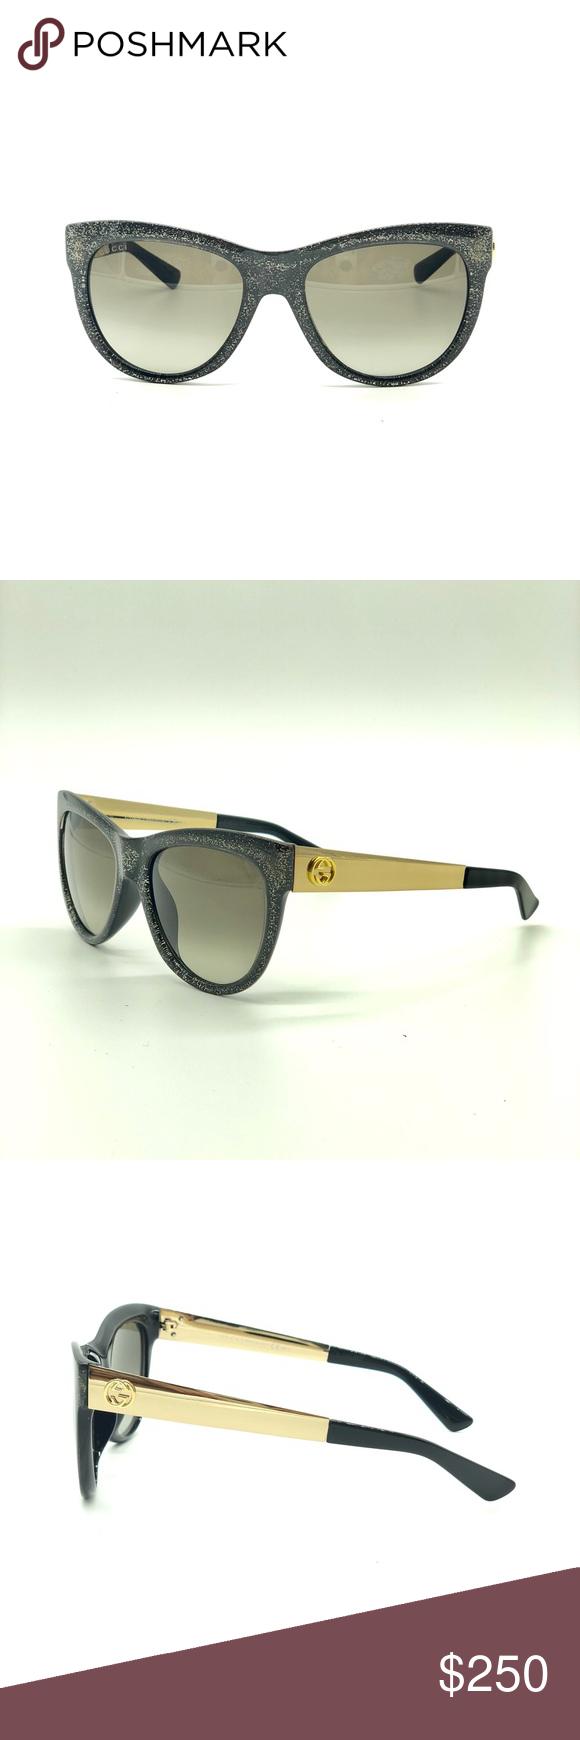 823e2501dbc Authentic Gucci Glitter Sunglasses Brand New